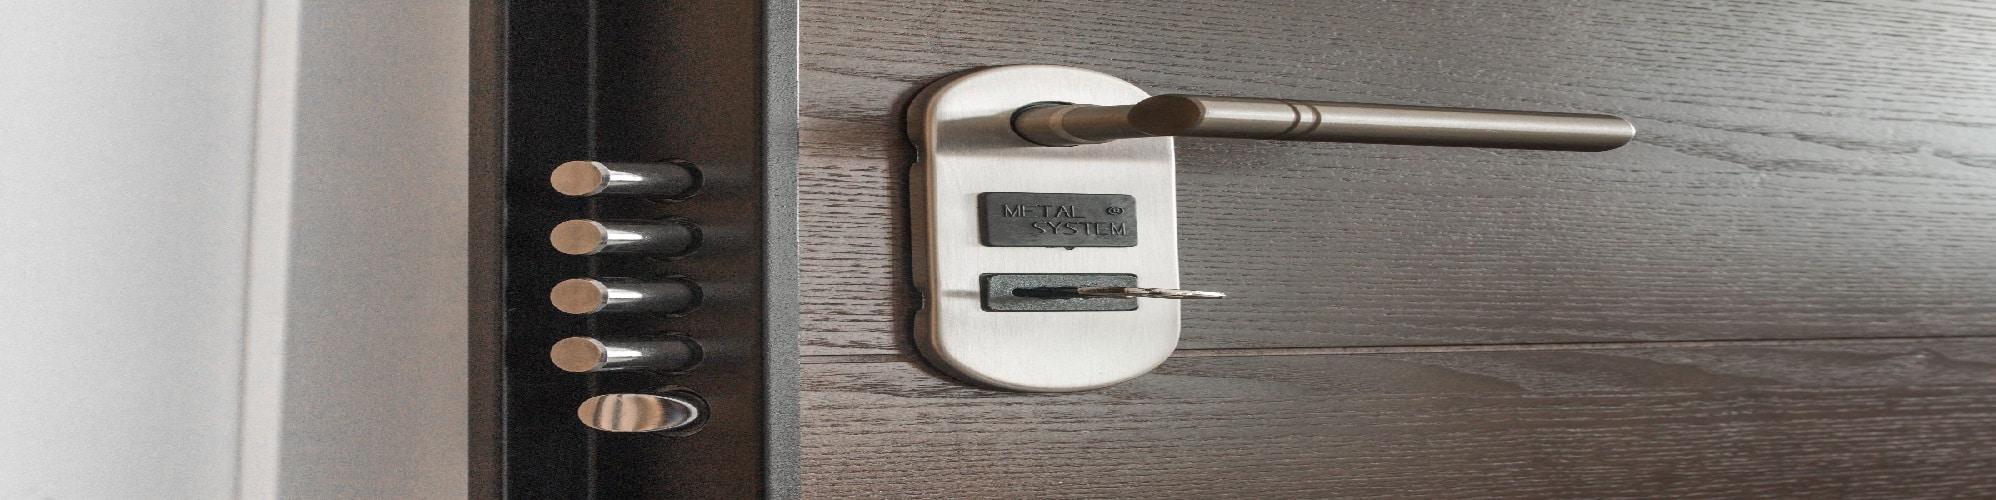 Security Door - Big Easy Iron Works